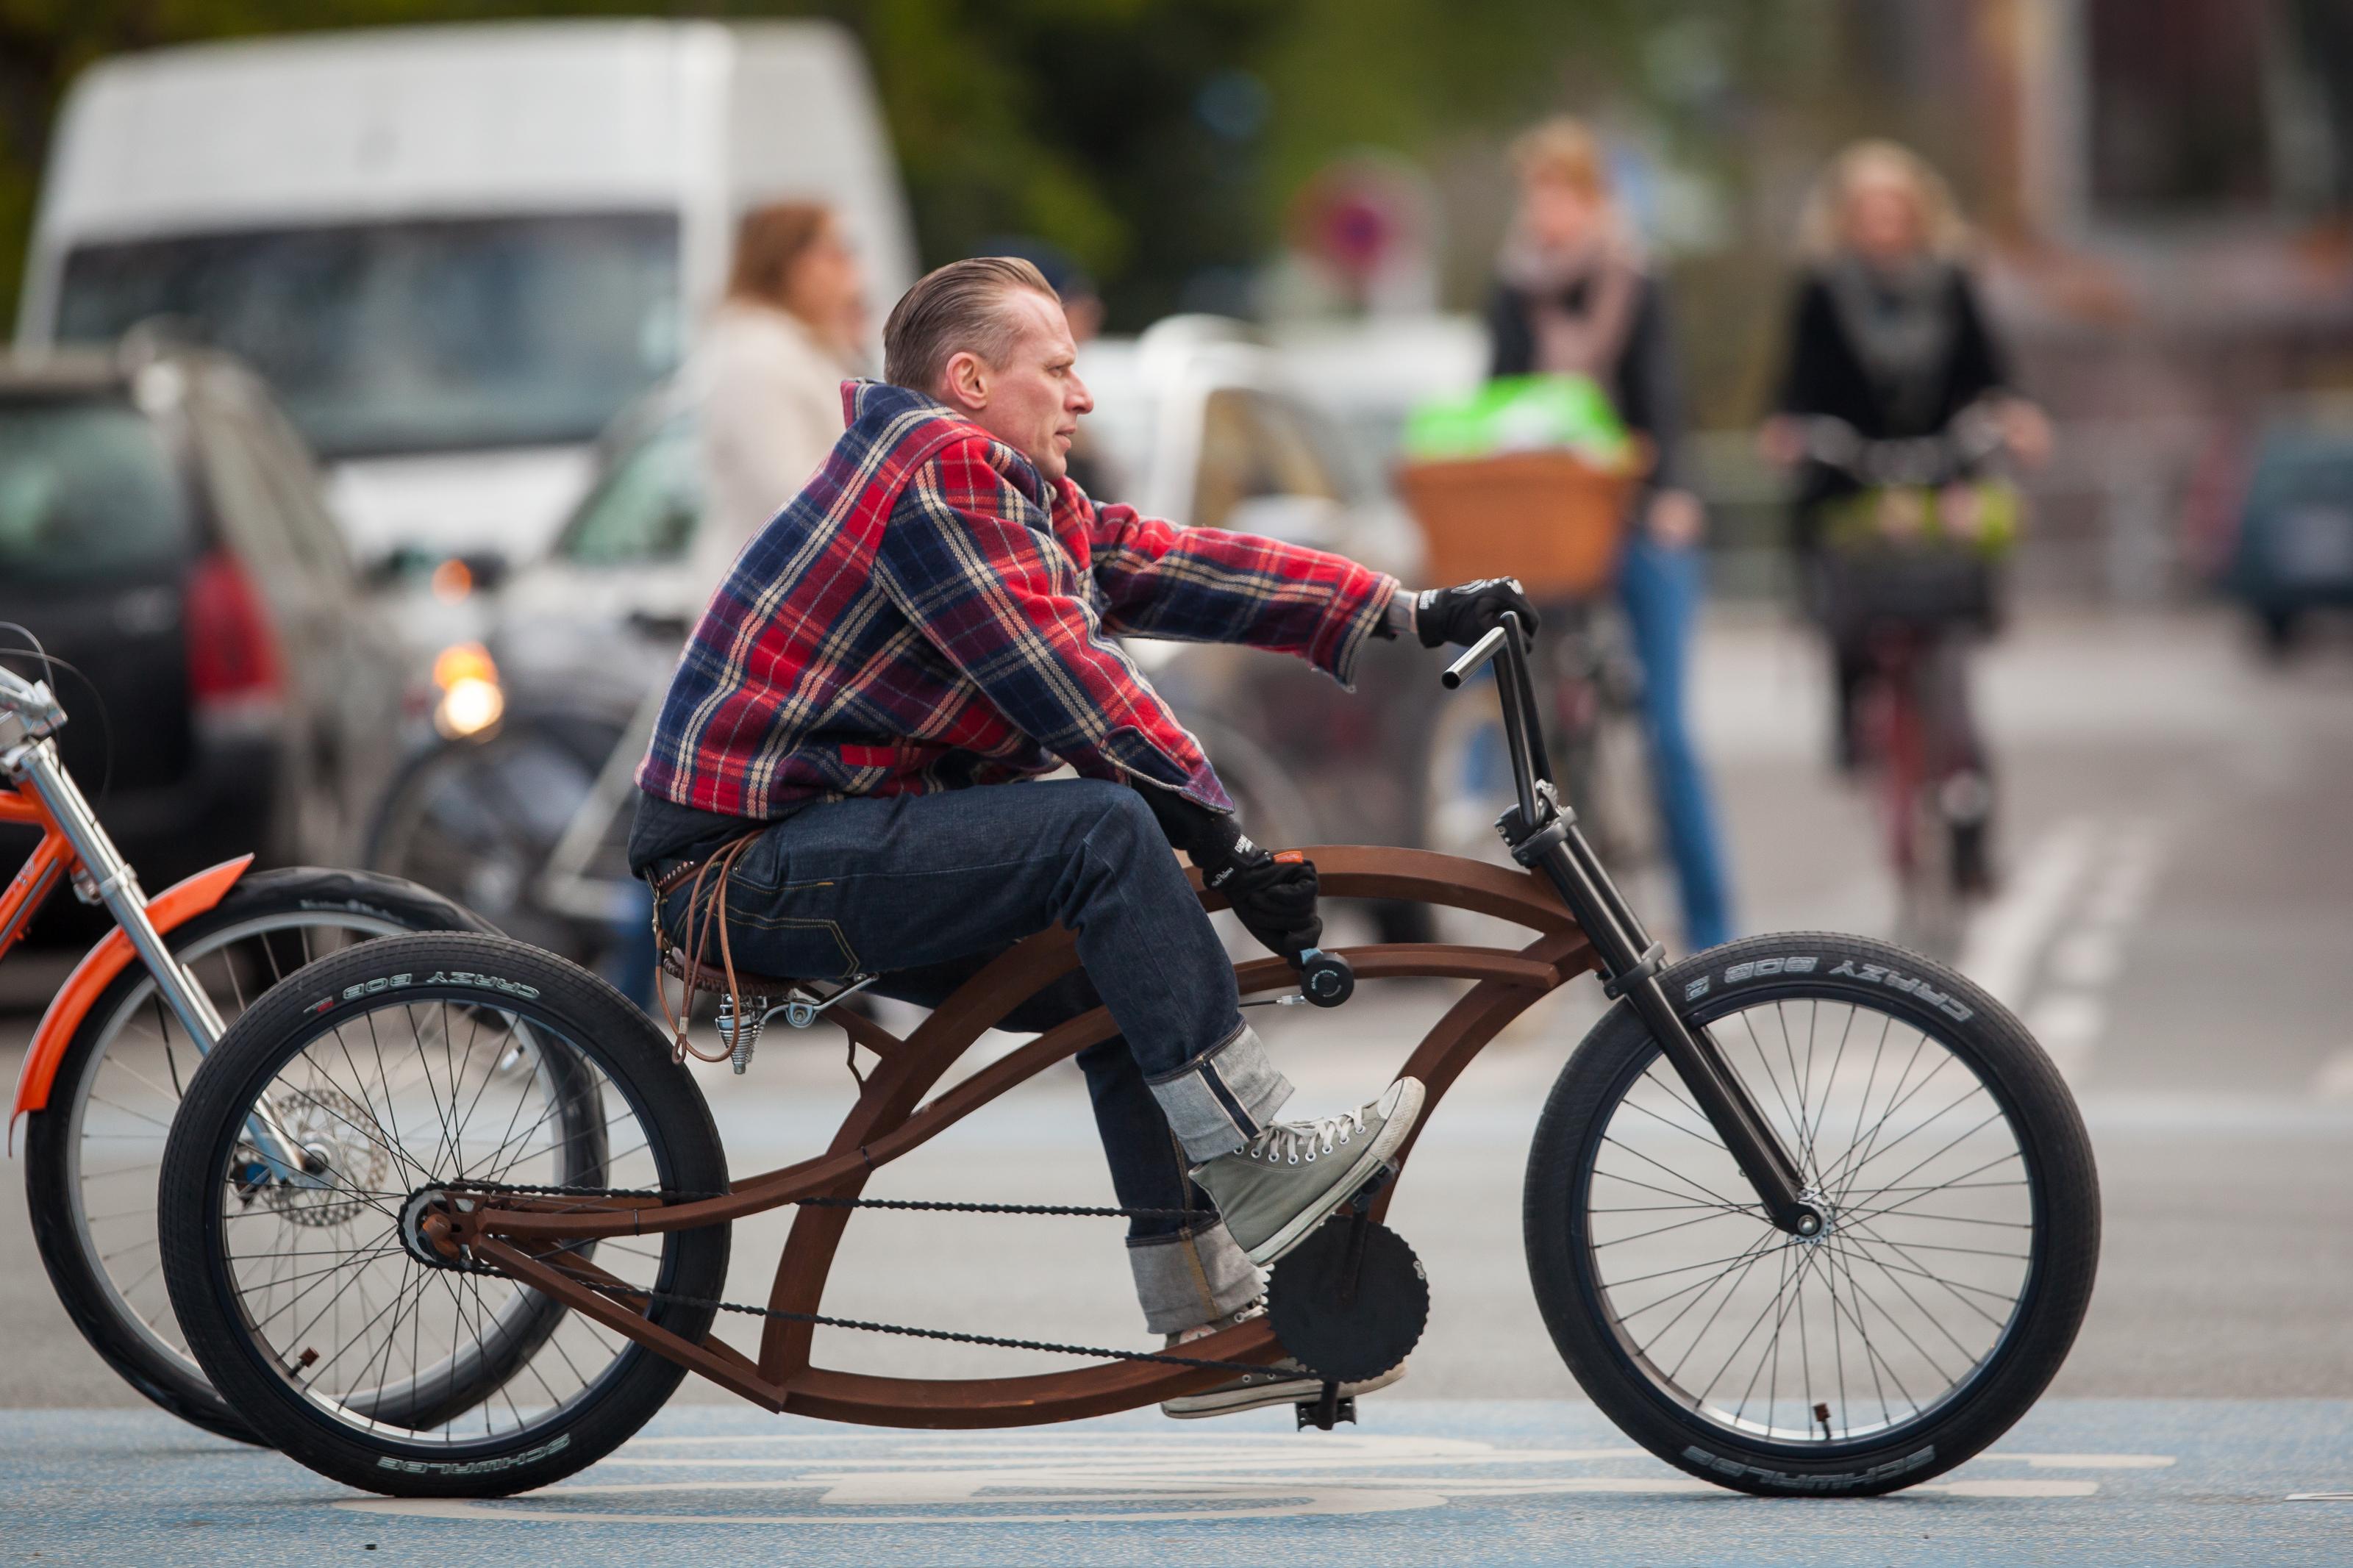 Sfondi Strada Persone Moda Bicicletta Copenhagen Danimarca